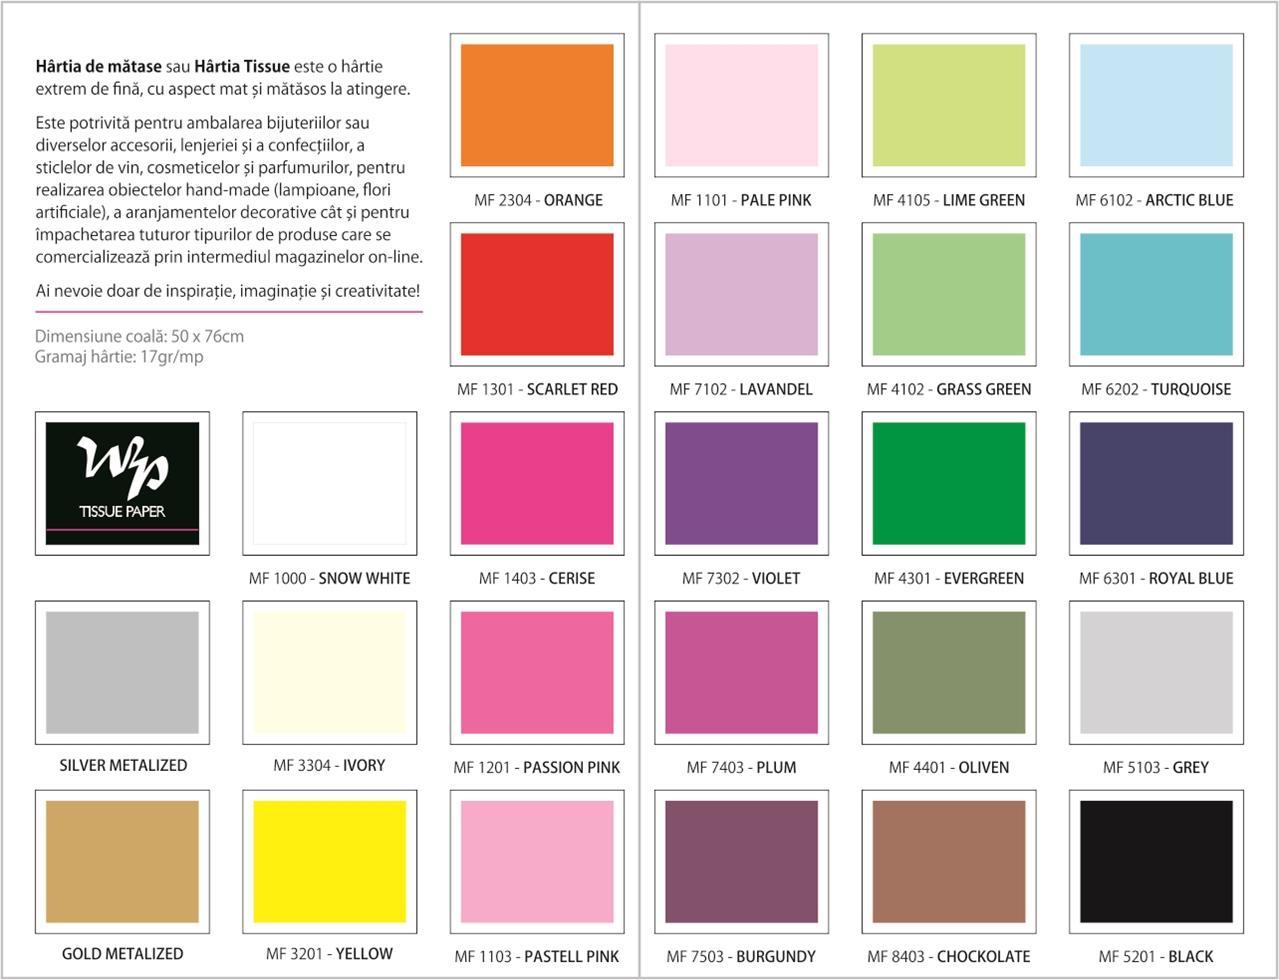 Mostrar culori - hartiedematase.ro